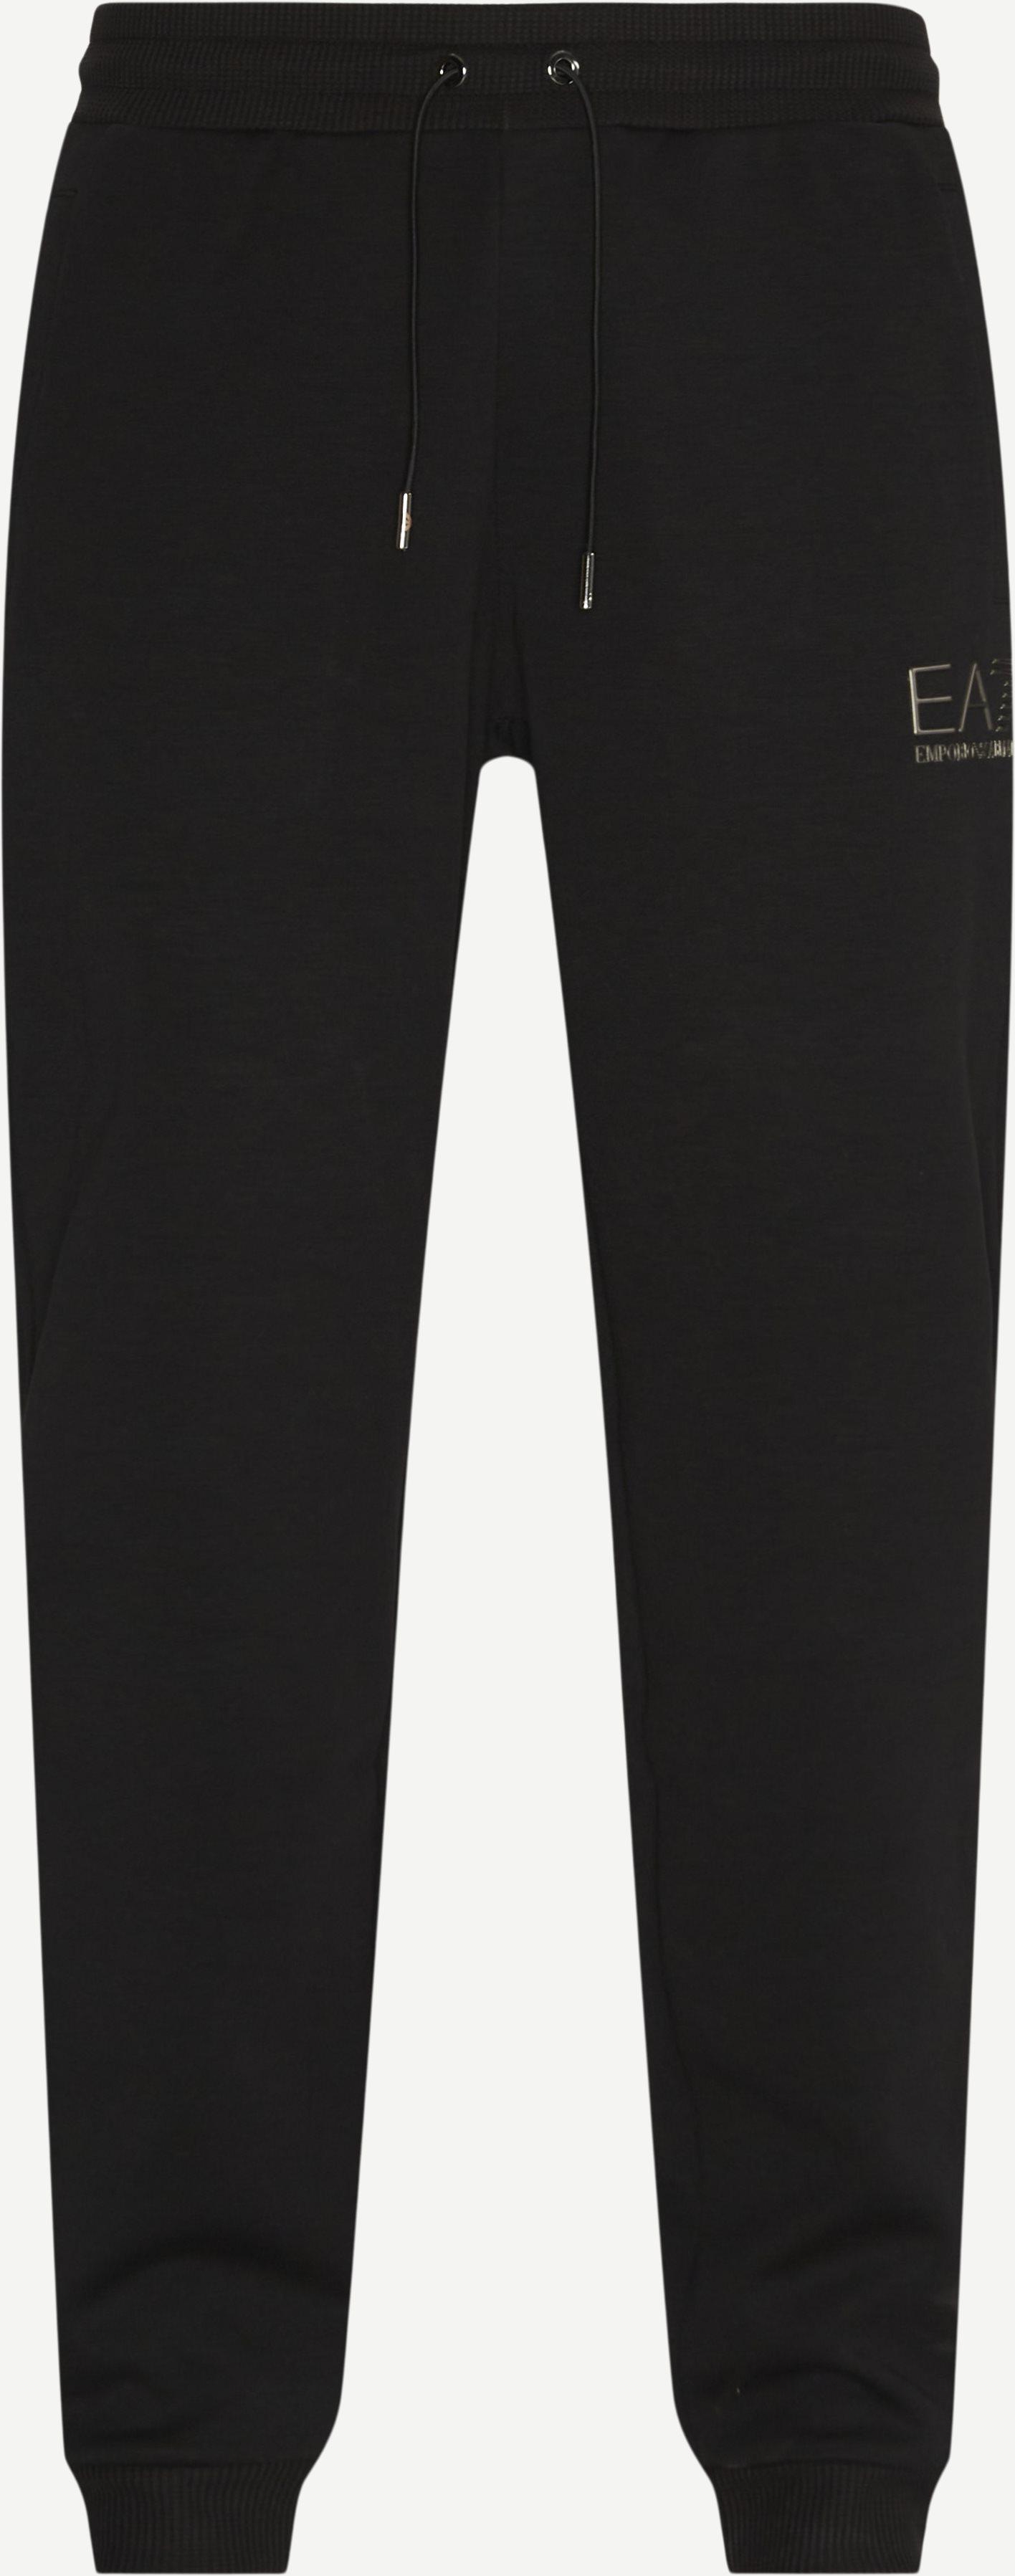 6KPP91 Sweatpants - Bukser - Regular fit - Sort